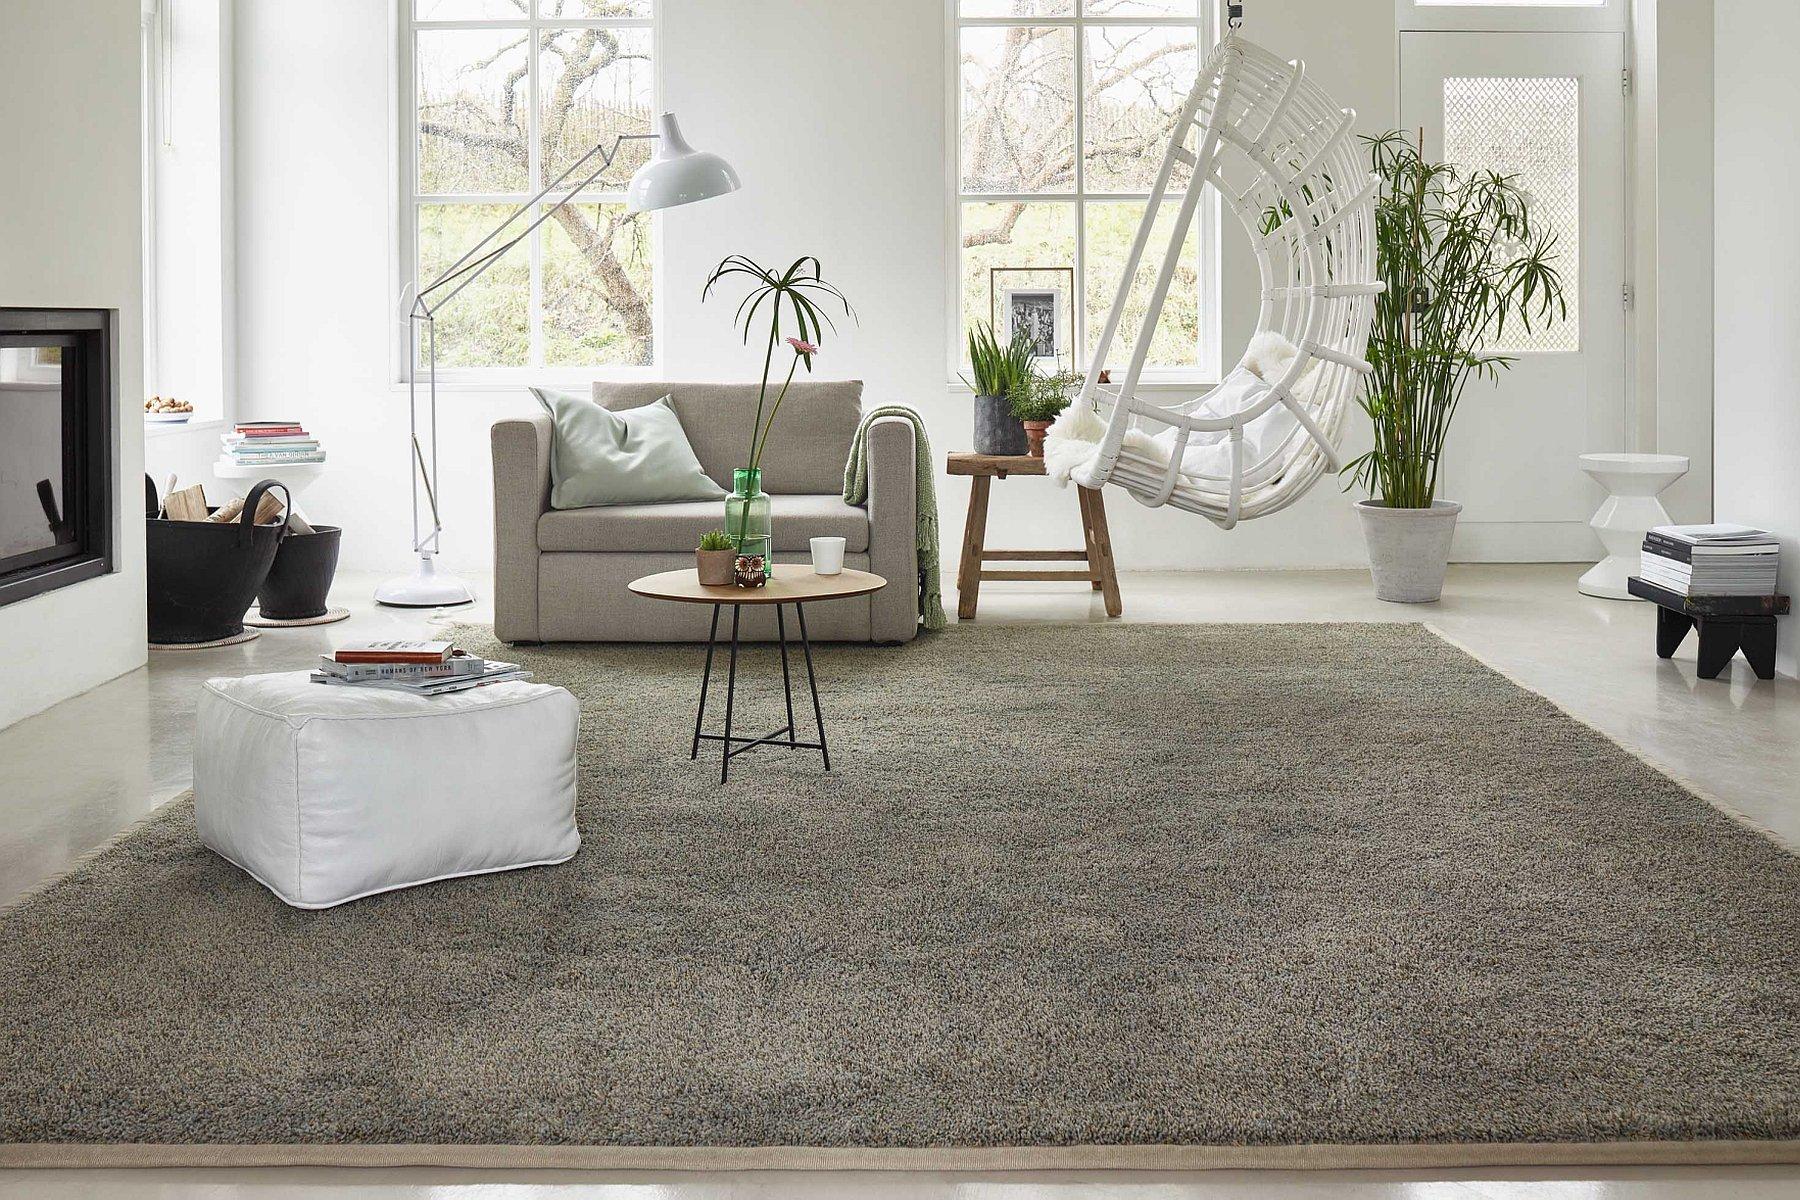 Vloerkleed In Slaapkamer : Wooninspiratie nodig tapijtnodig helpt graag een handje mee